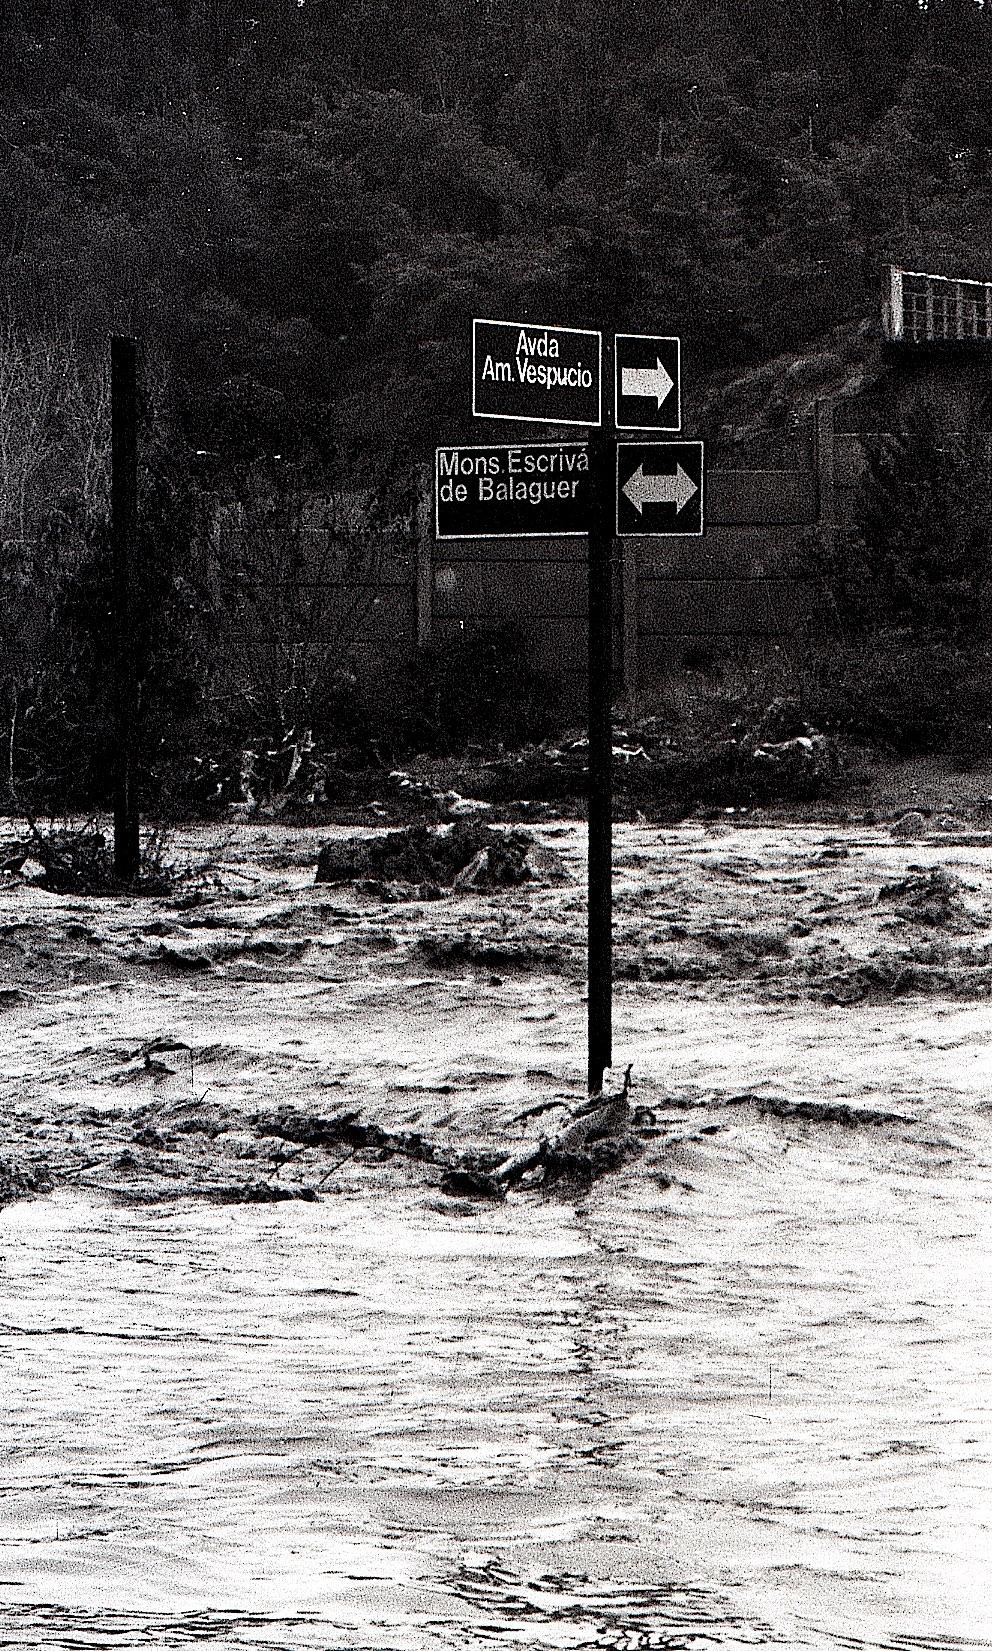 Enterreno - Fotos históricas de chile - fotos antiguas de Chile - Salida del Río Mapocho en 1986